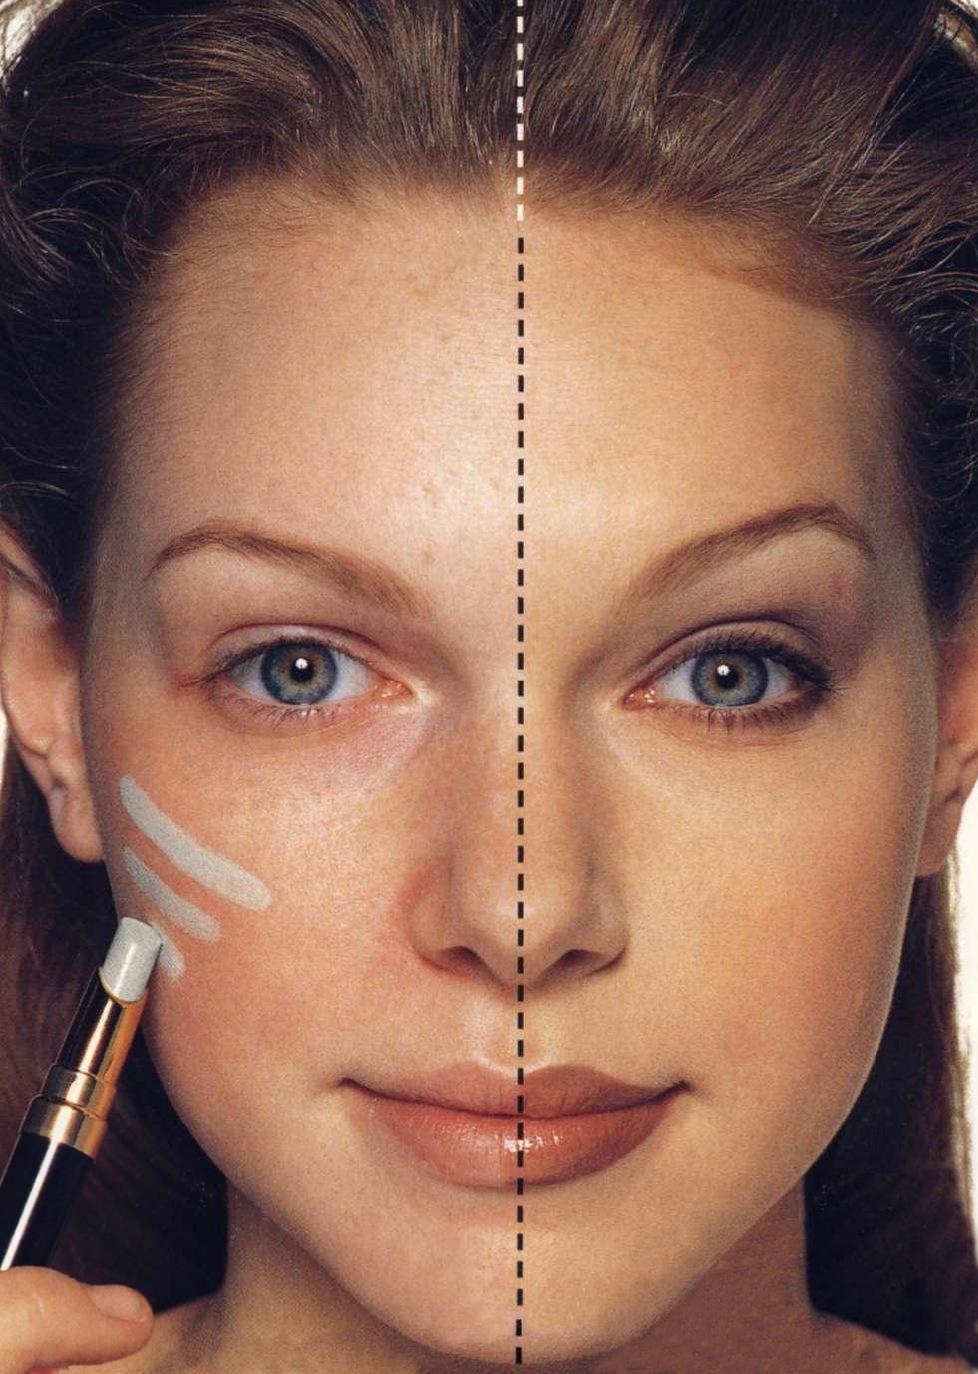 Макияж для пигментированной кожи